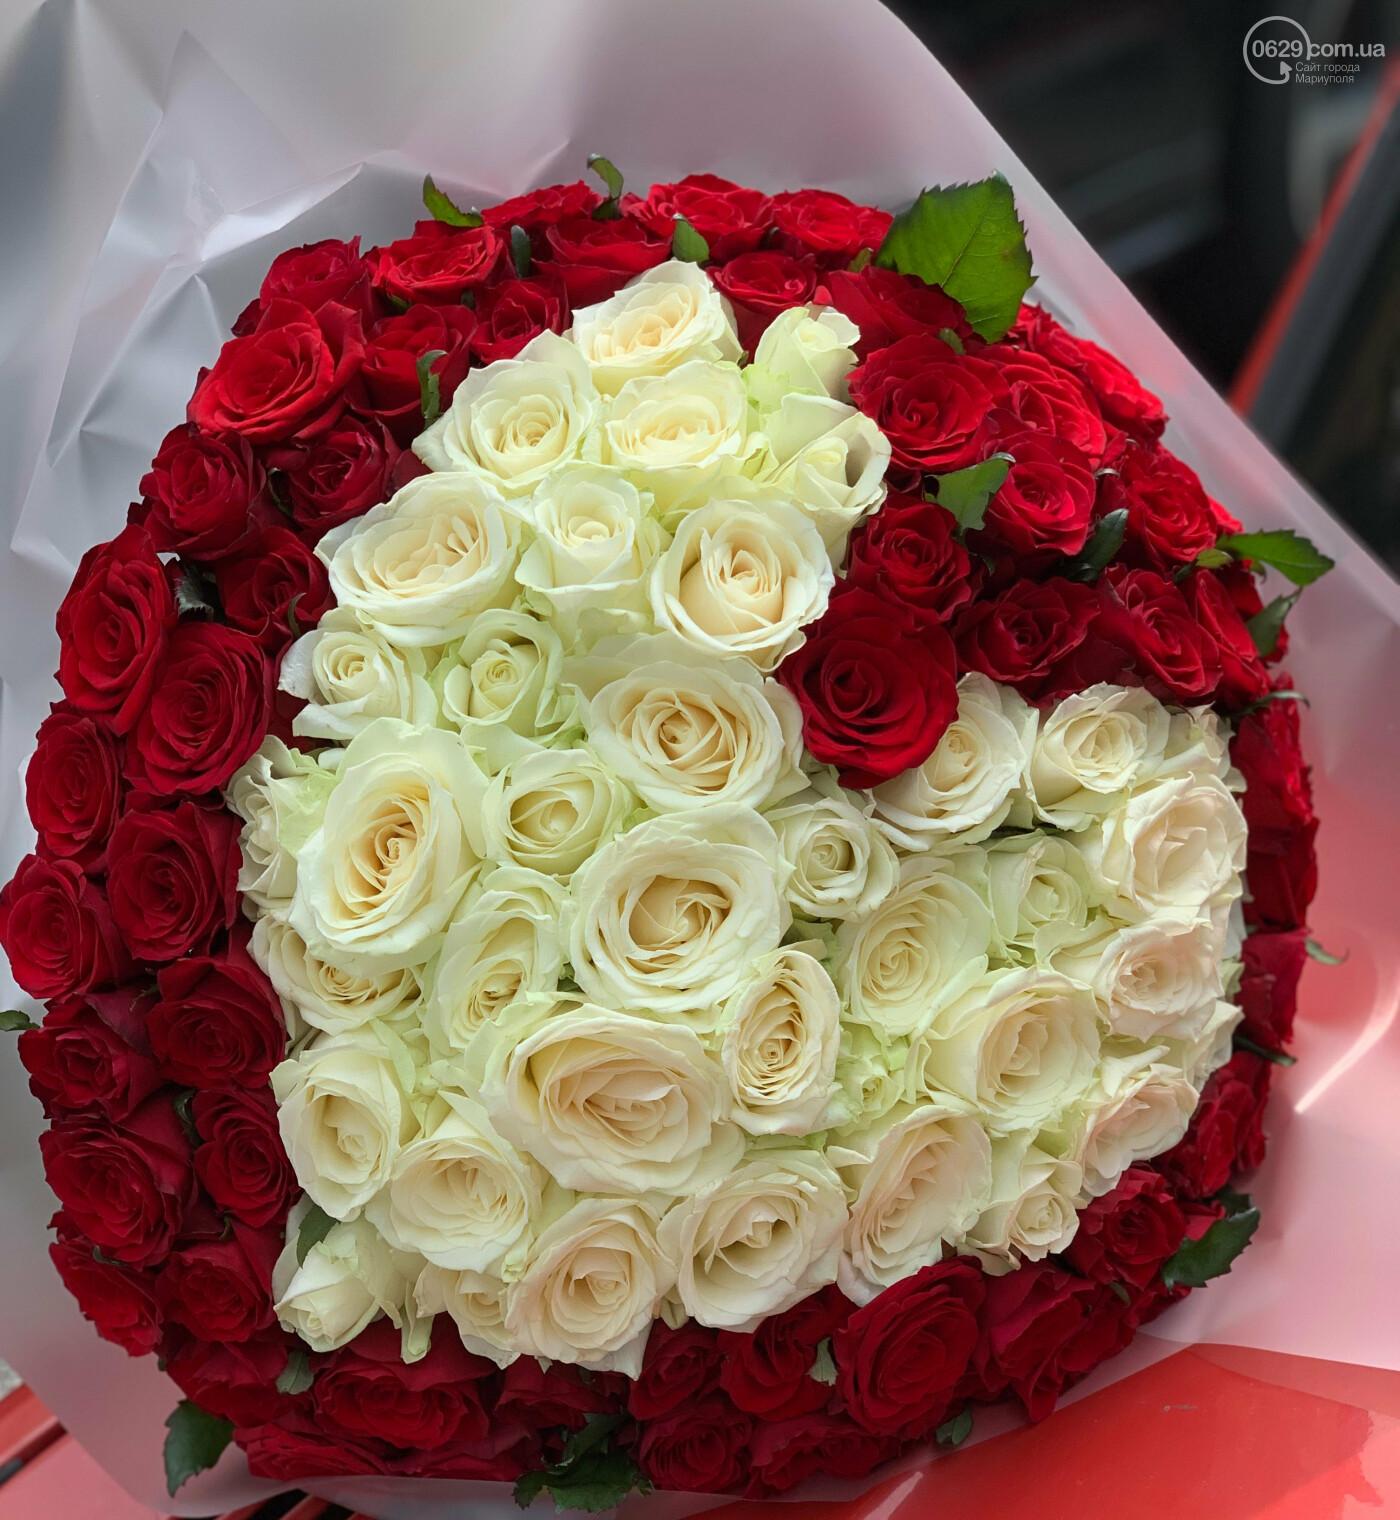 5 причин выбрать доставку цветов «КиевФлора», фото-2